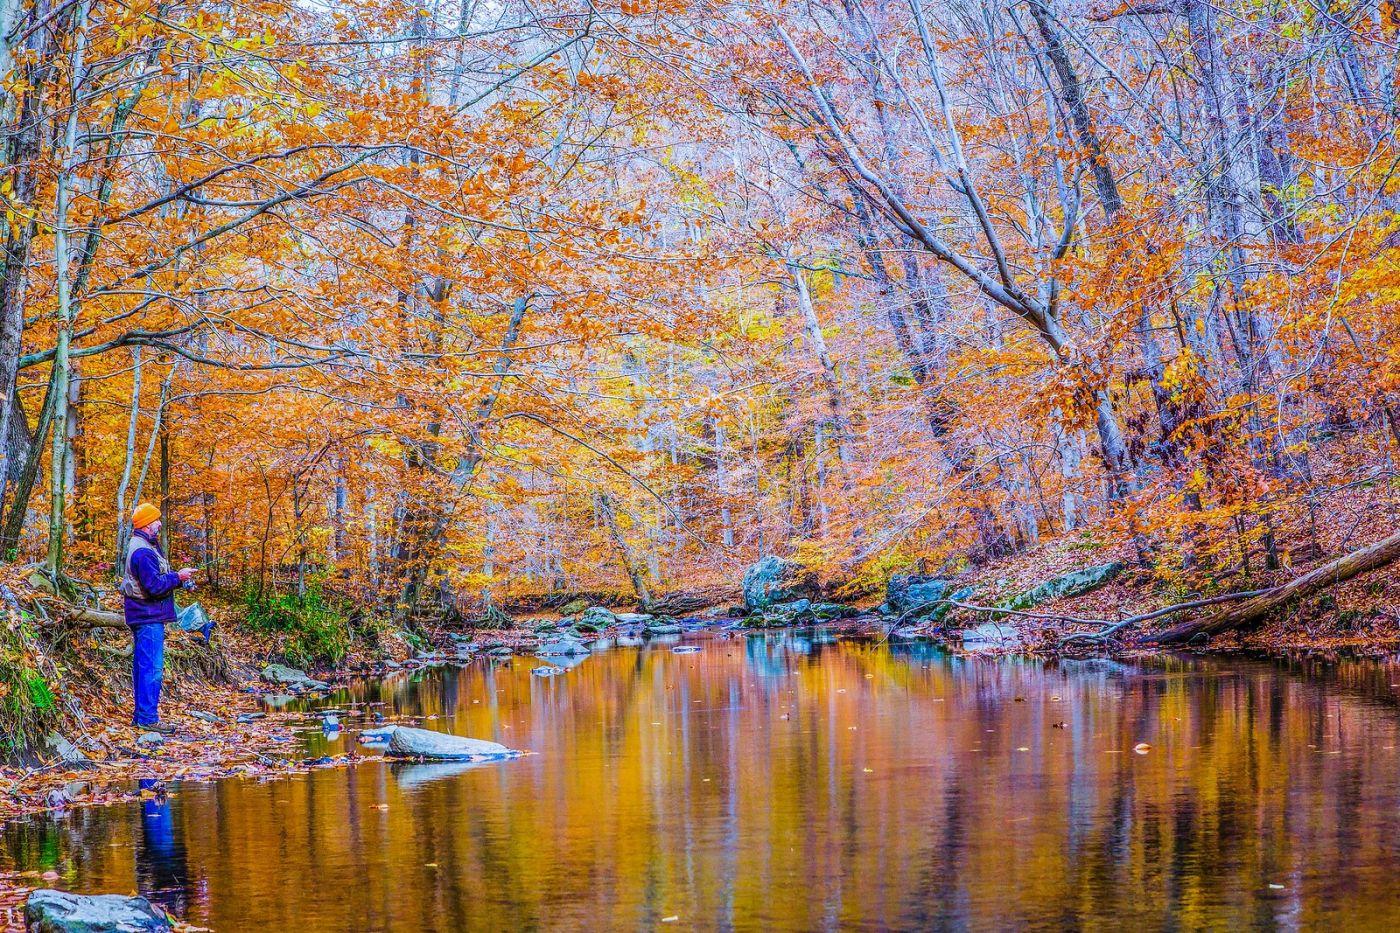 宾州雷德利克里克公园(Ridley creek park),如梦的画面_图1-25